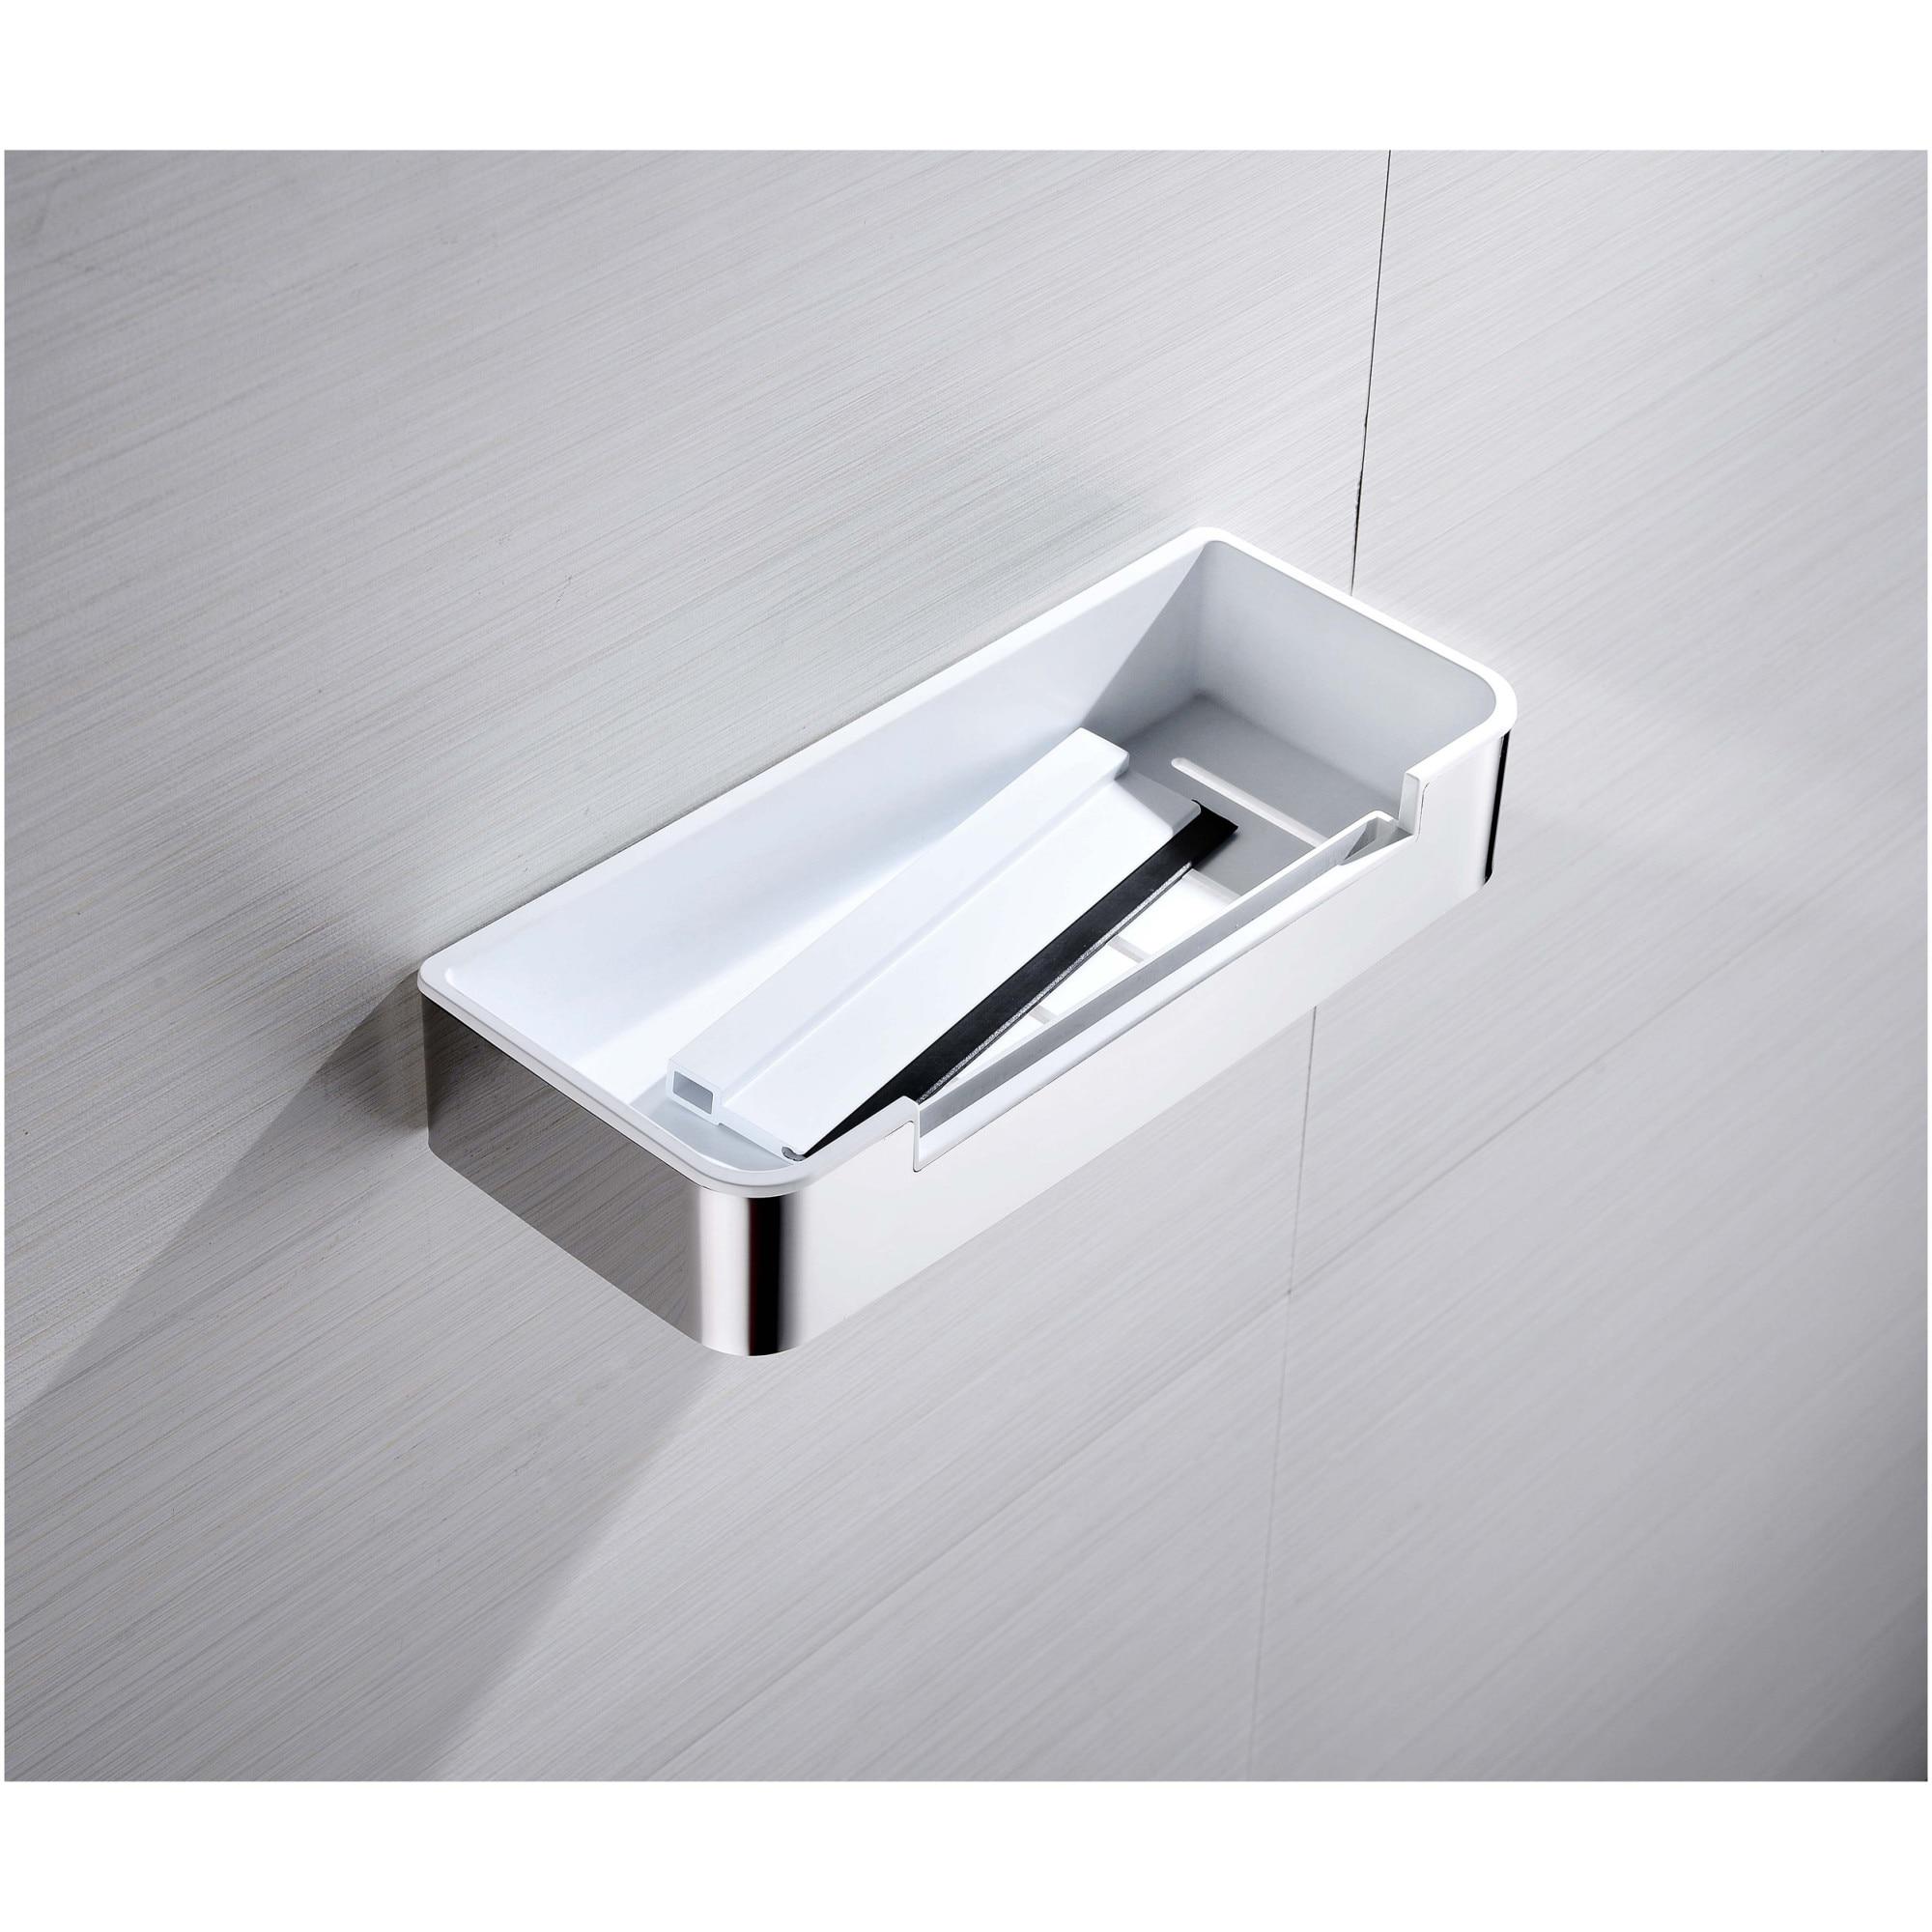 Fotografie Etajera dus Aquasanit CONCEPT, forma rectangulara, otel inoxidabil, crom lucios si ABS alb, include stergator pentru cabina de dus, montaj cu dibluri si suruburi